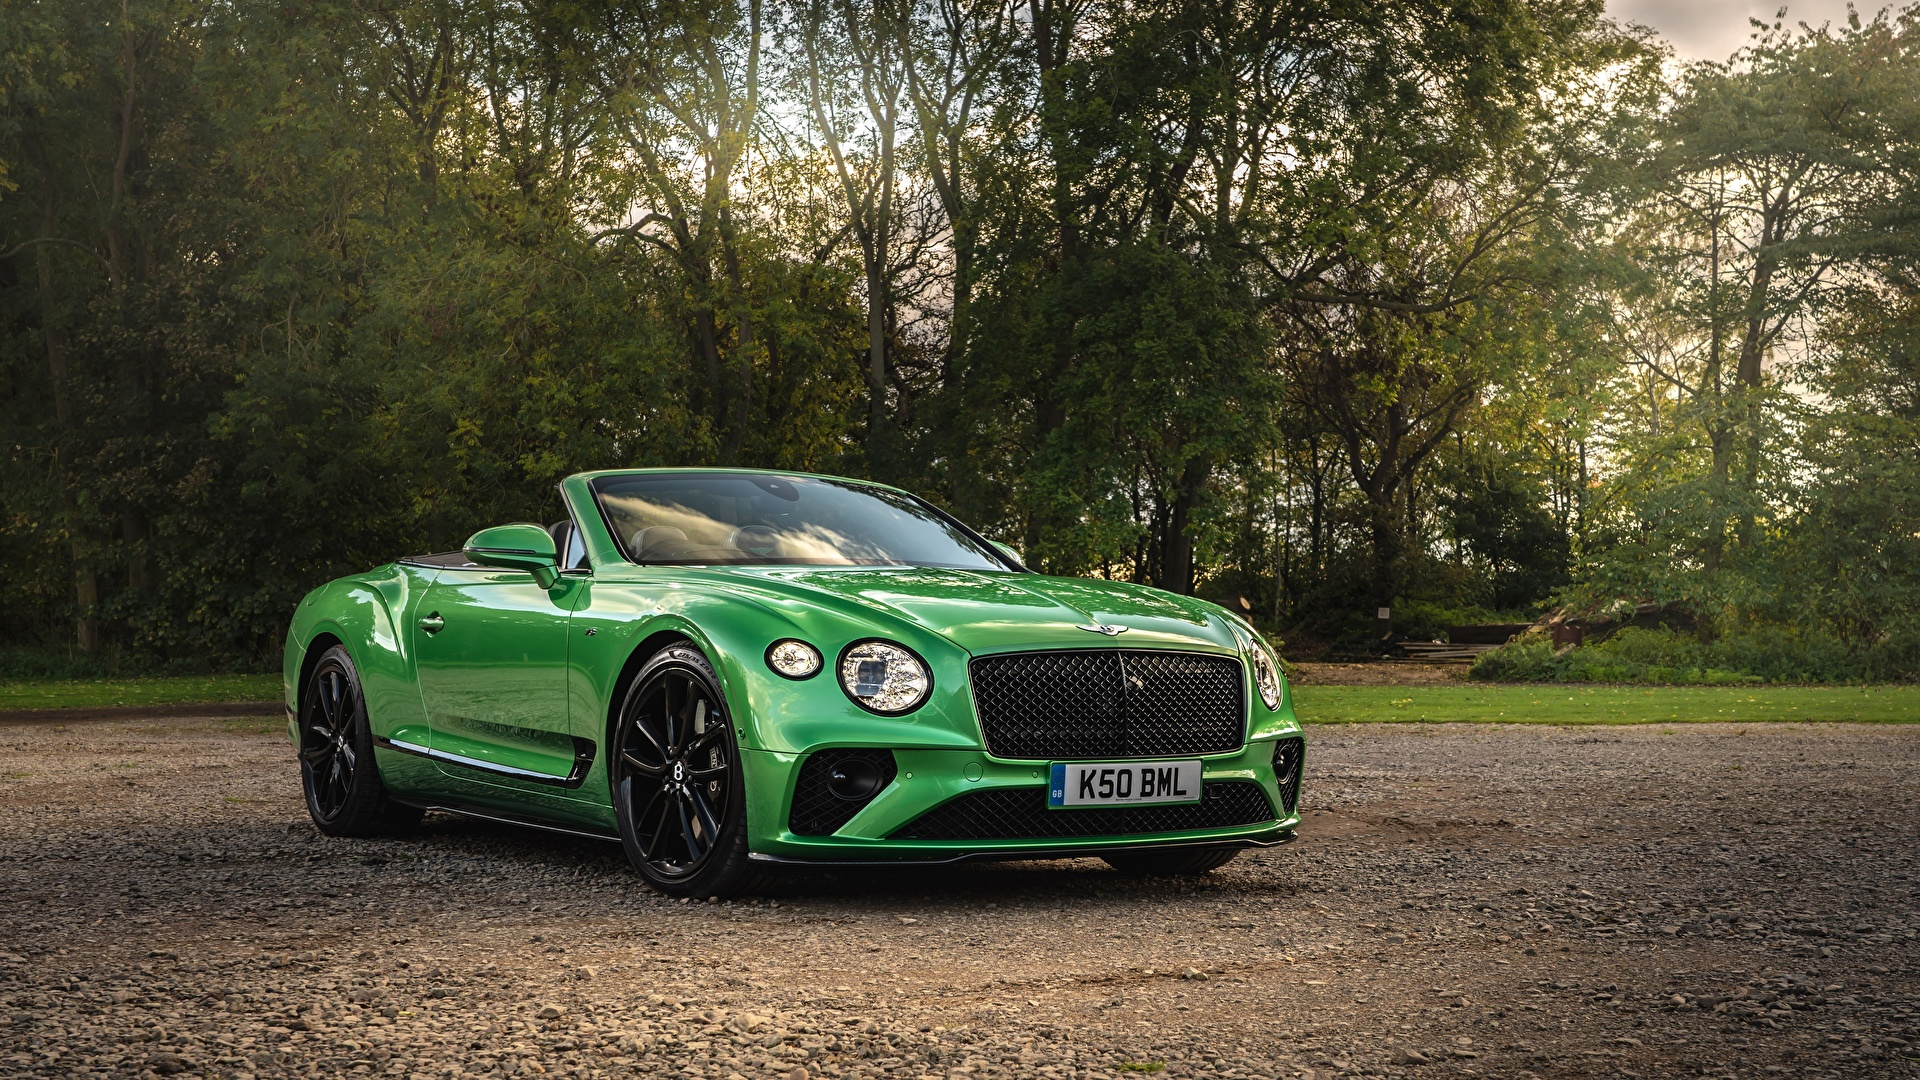 Bilder von Bentley Continental GT V8, Convertible (Apple Green), UK-spec, 2020 Cabriolet Grün auto Vorne 1920x1080 Cabrio Autos automobil